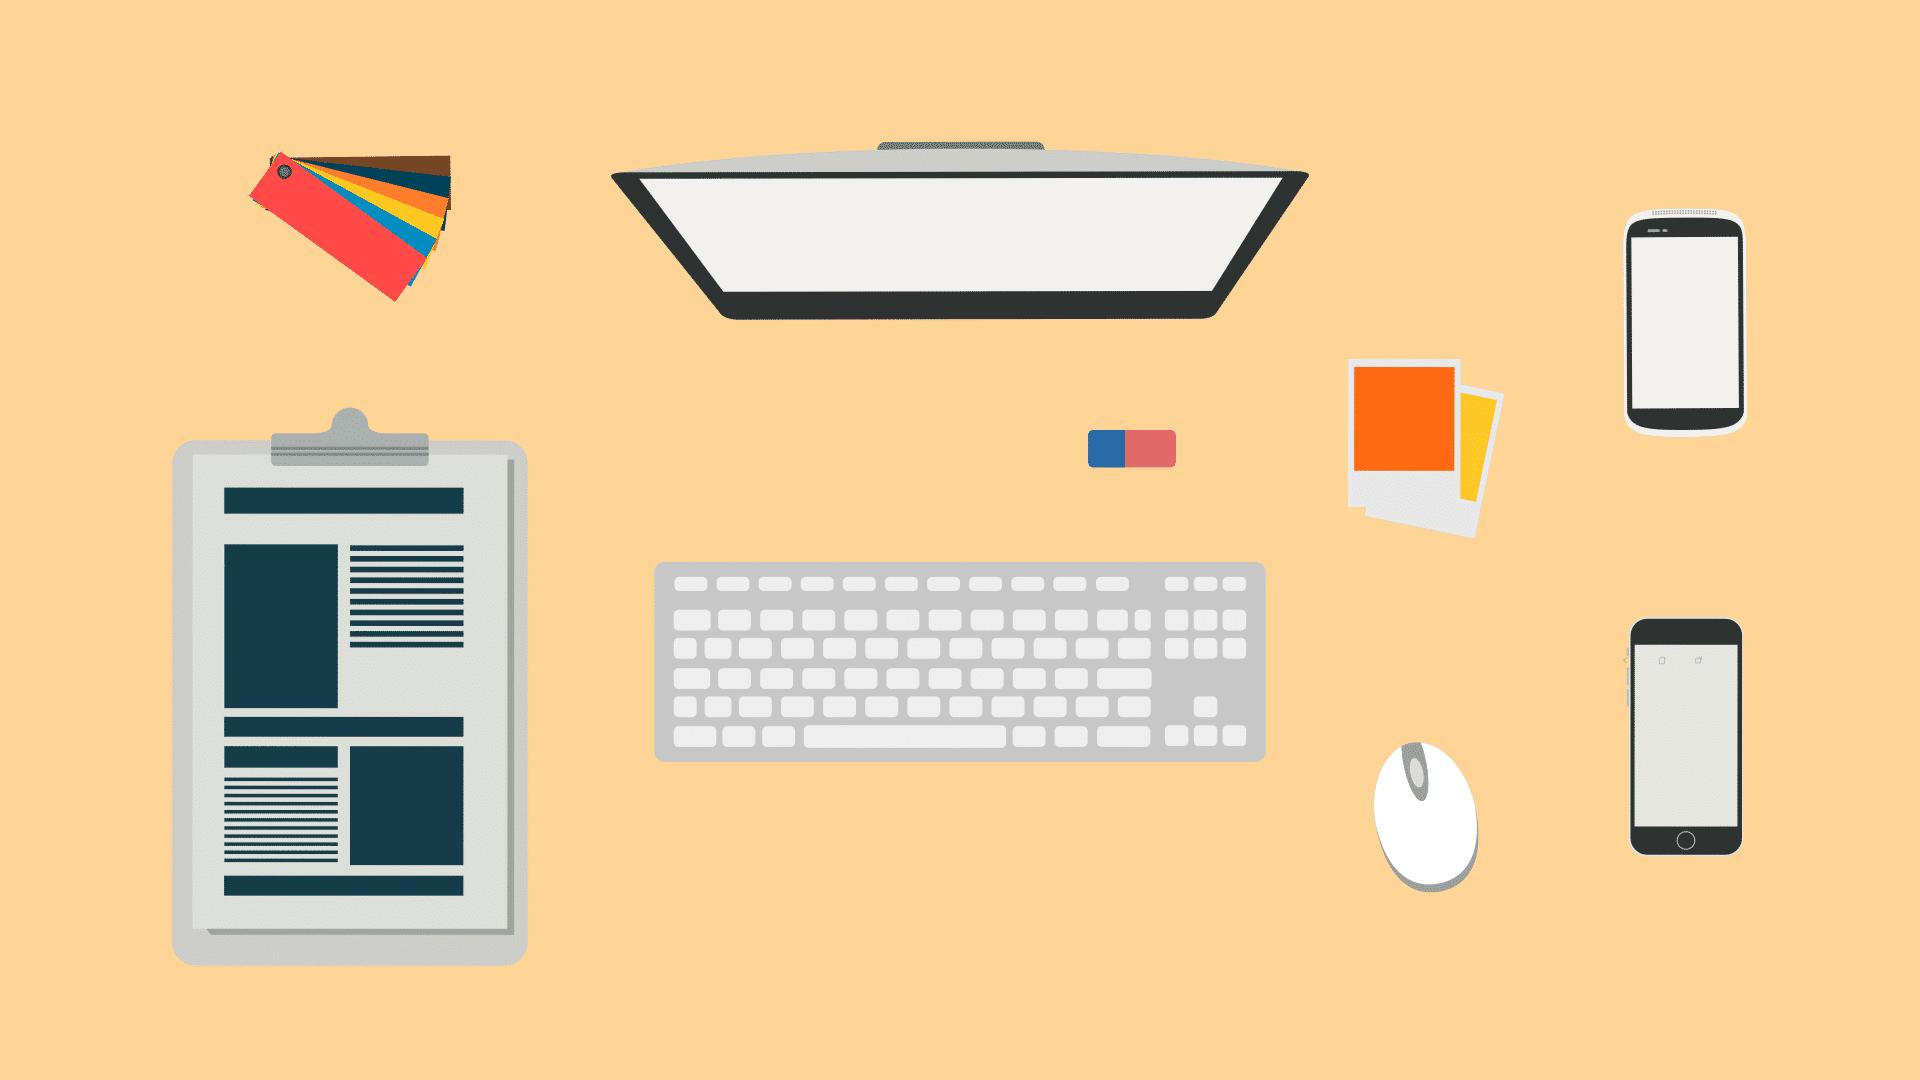 Сайты-конструкторы и персональные данные